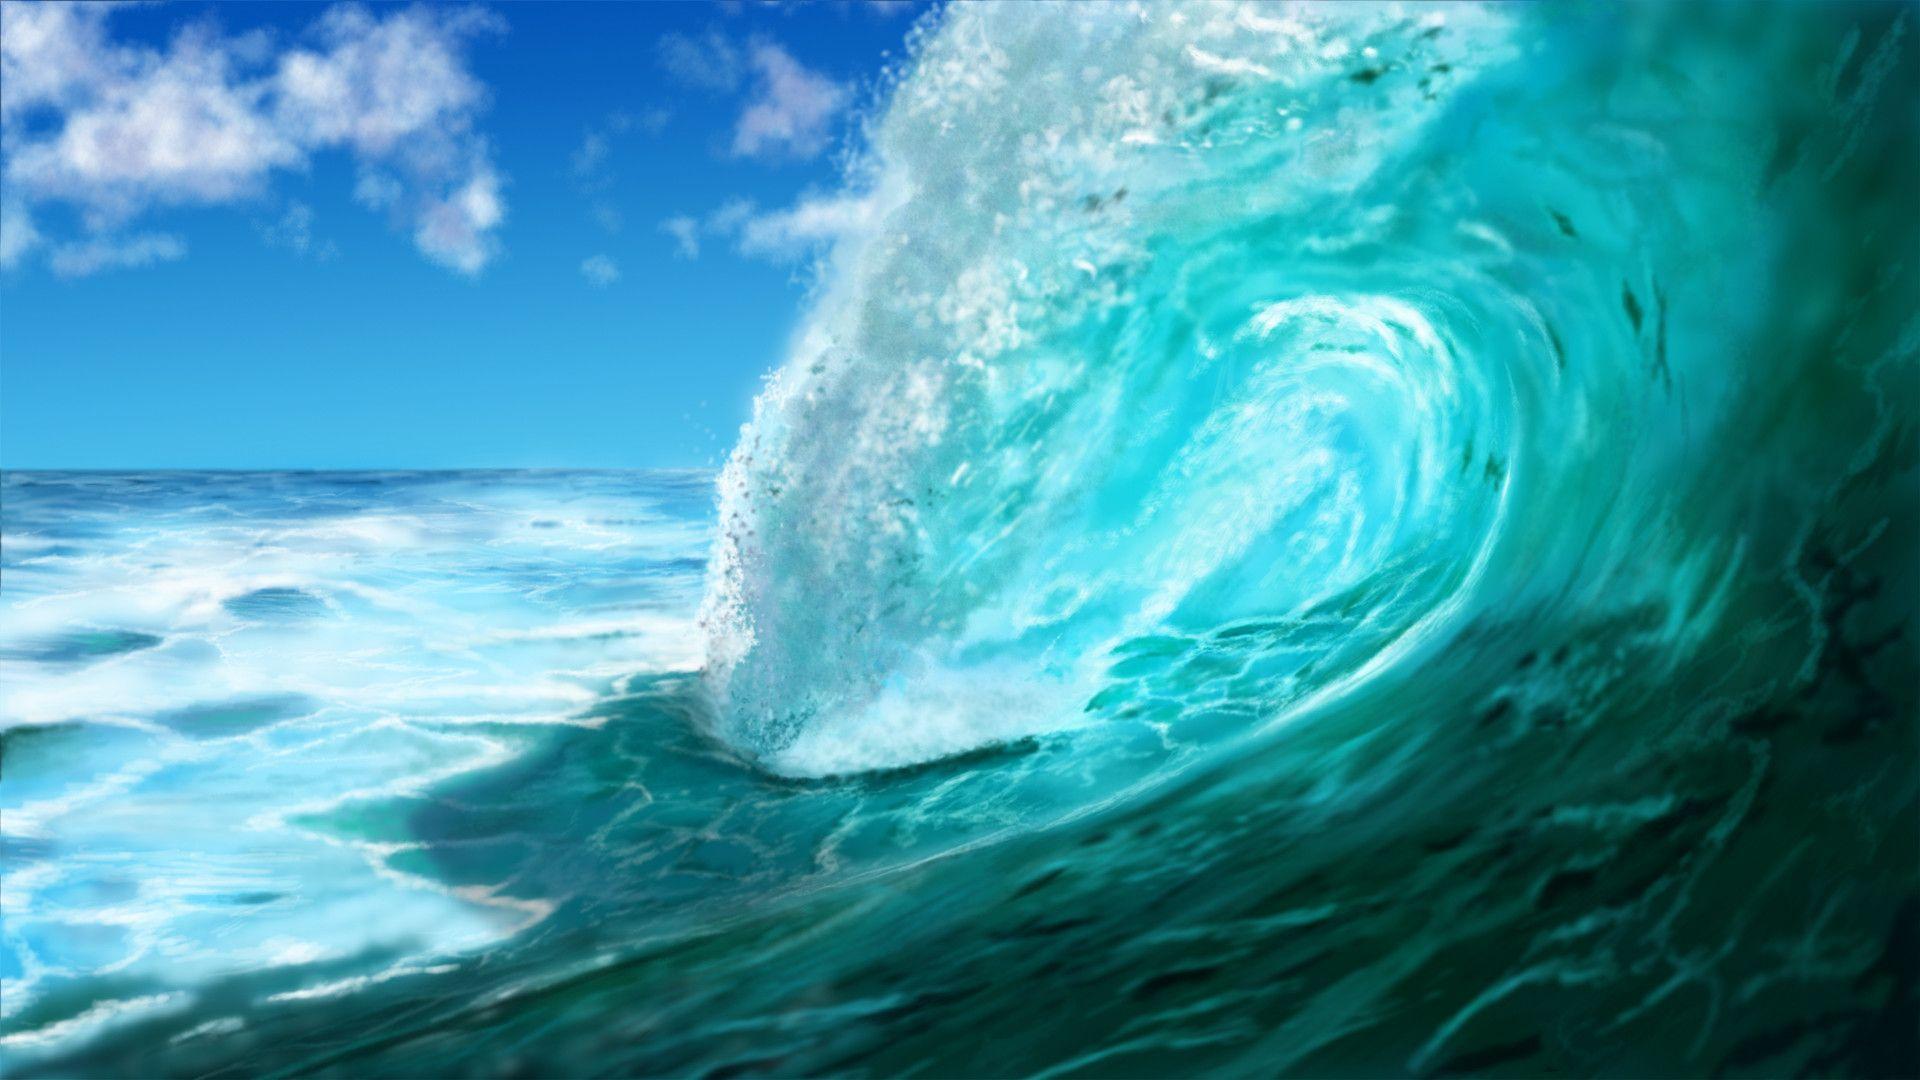 ocean laptop wallpapers top